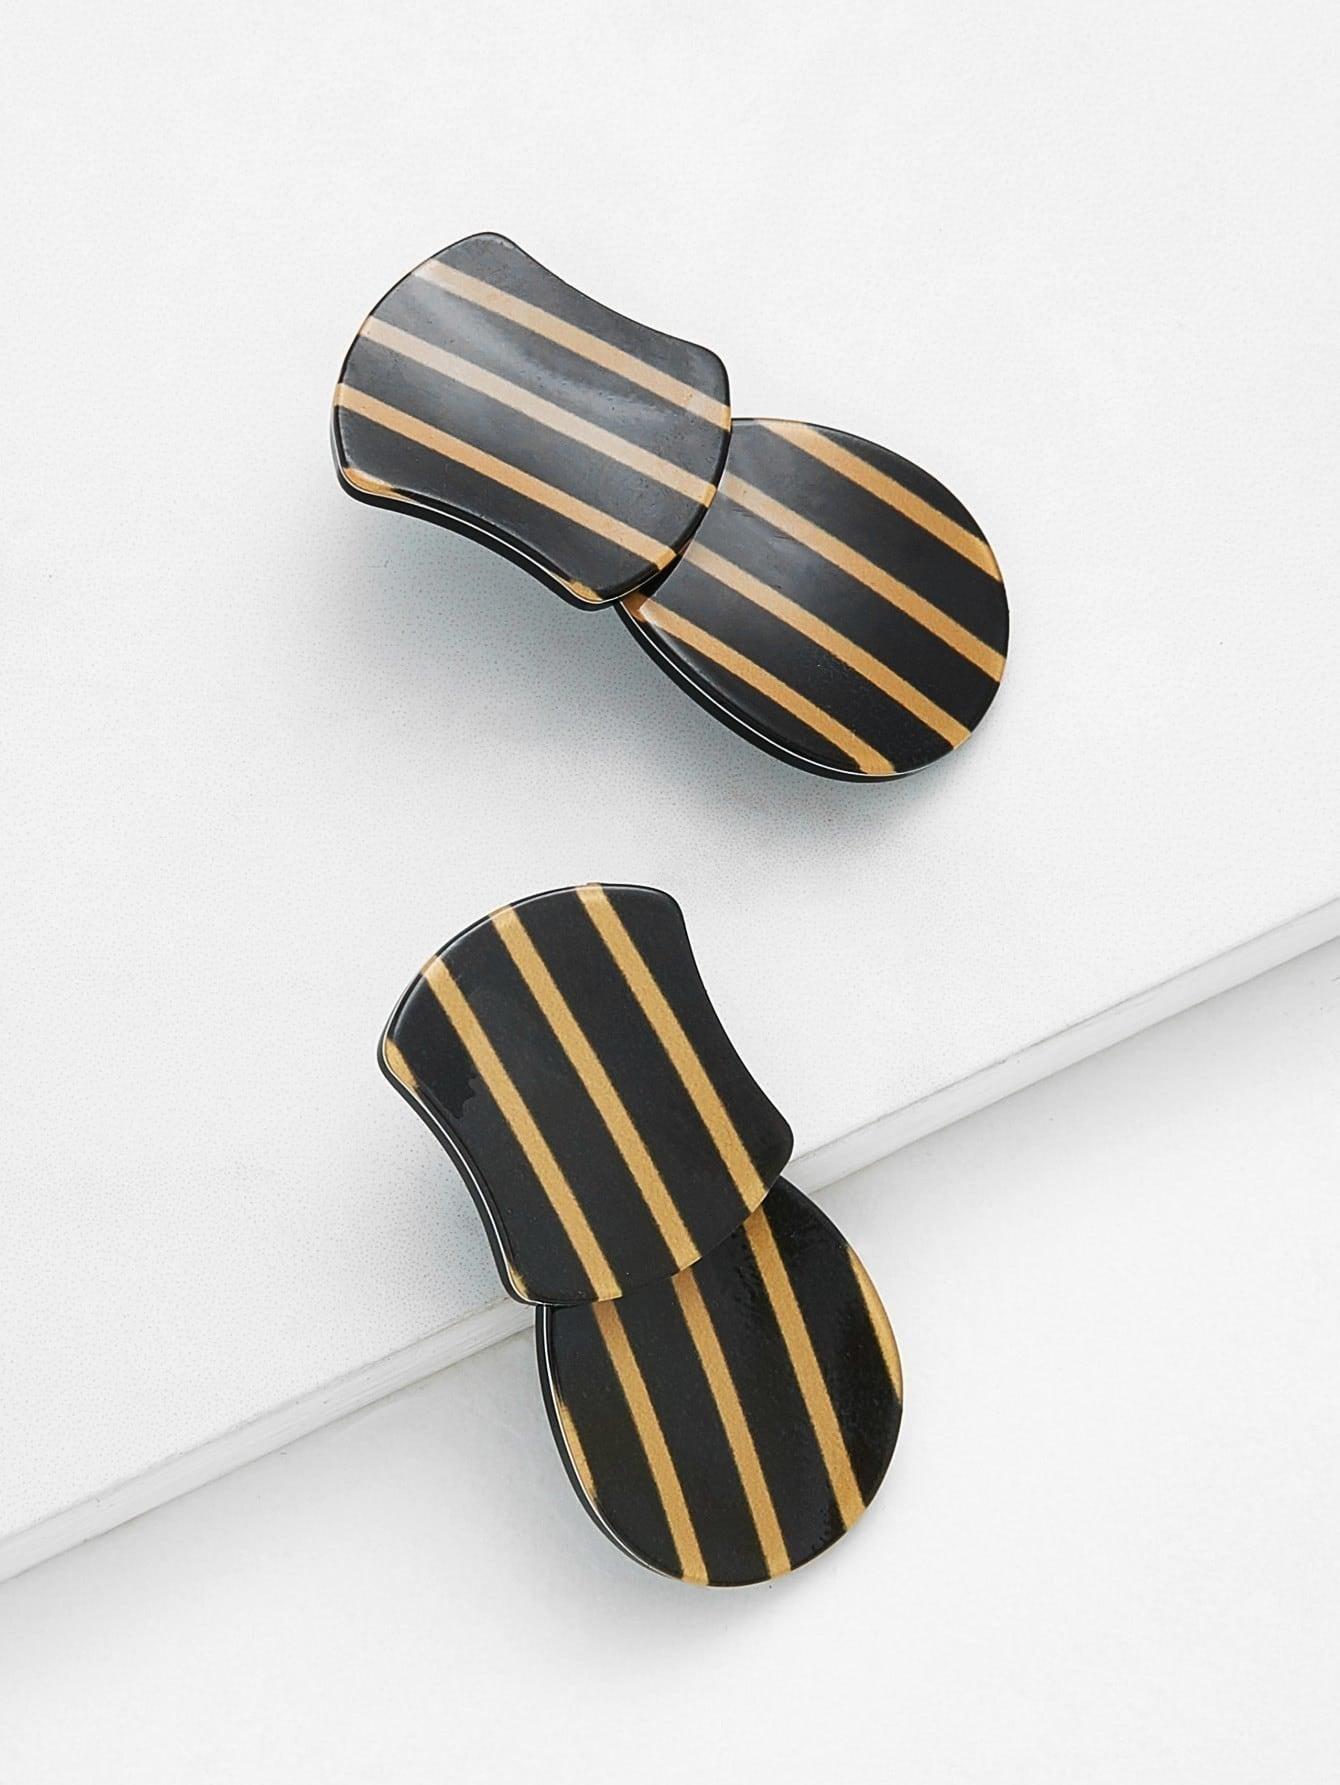 Striped Design Drop Earrings two tone face design drop earrings